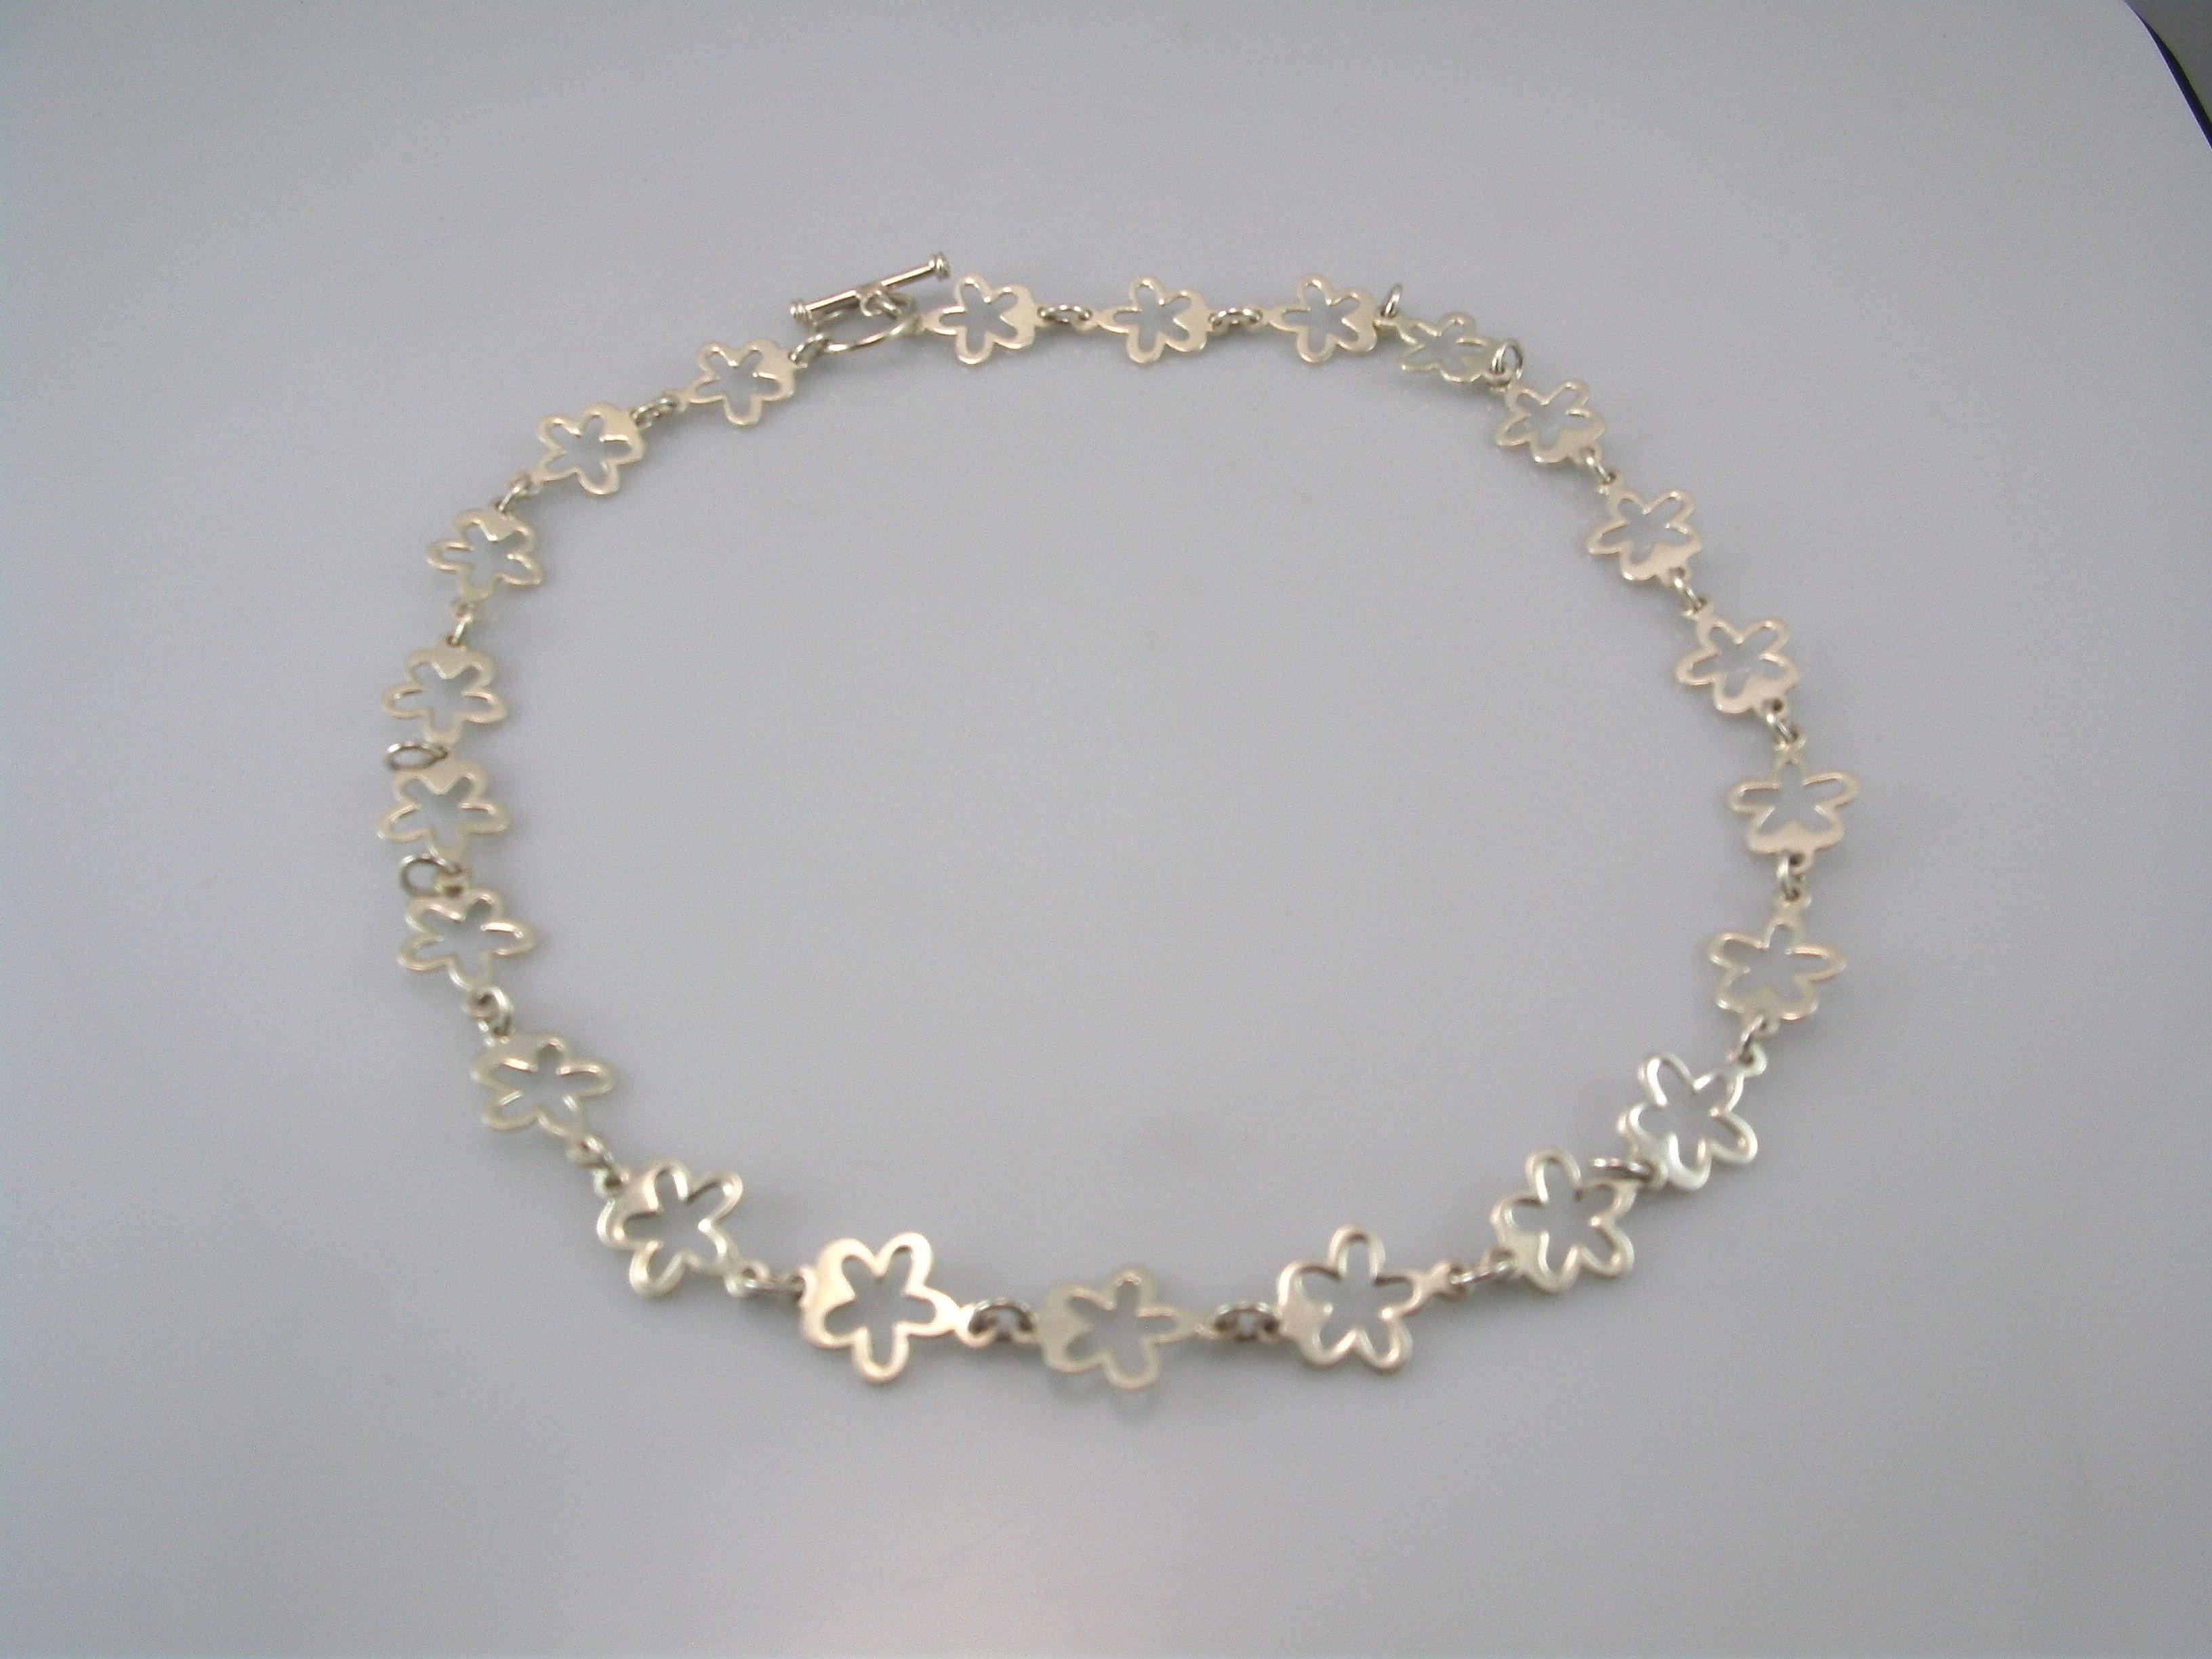 f78c85c0581a Gargantilla de flores en Plata lisa | Joyeria de plata. Es un ...